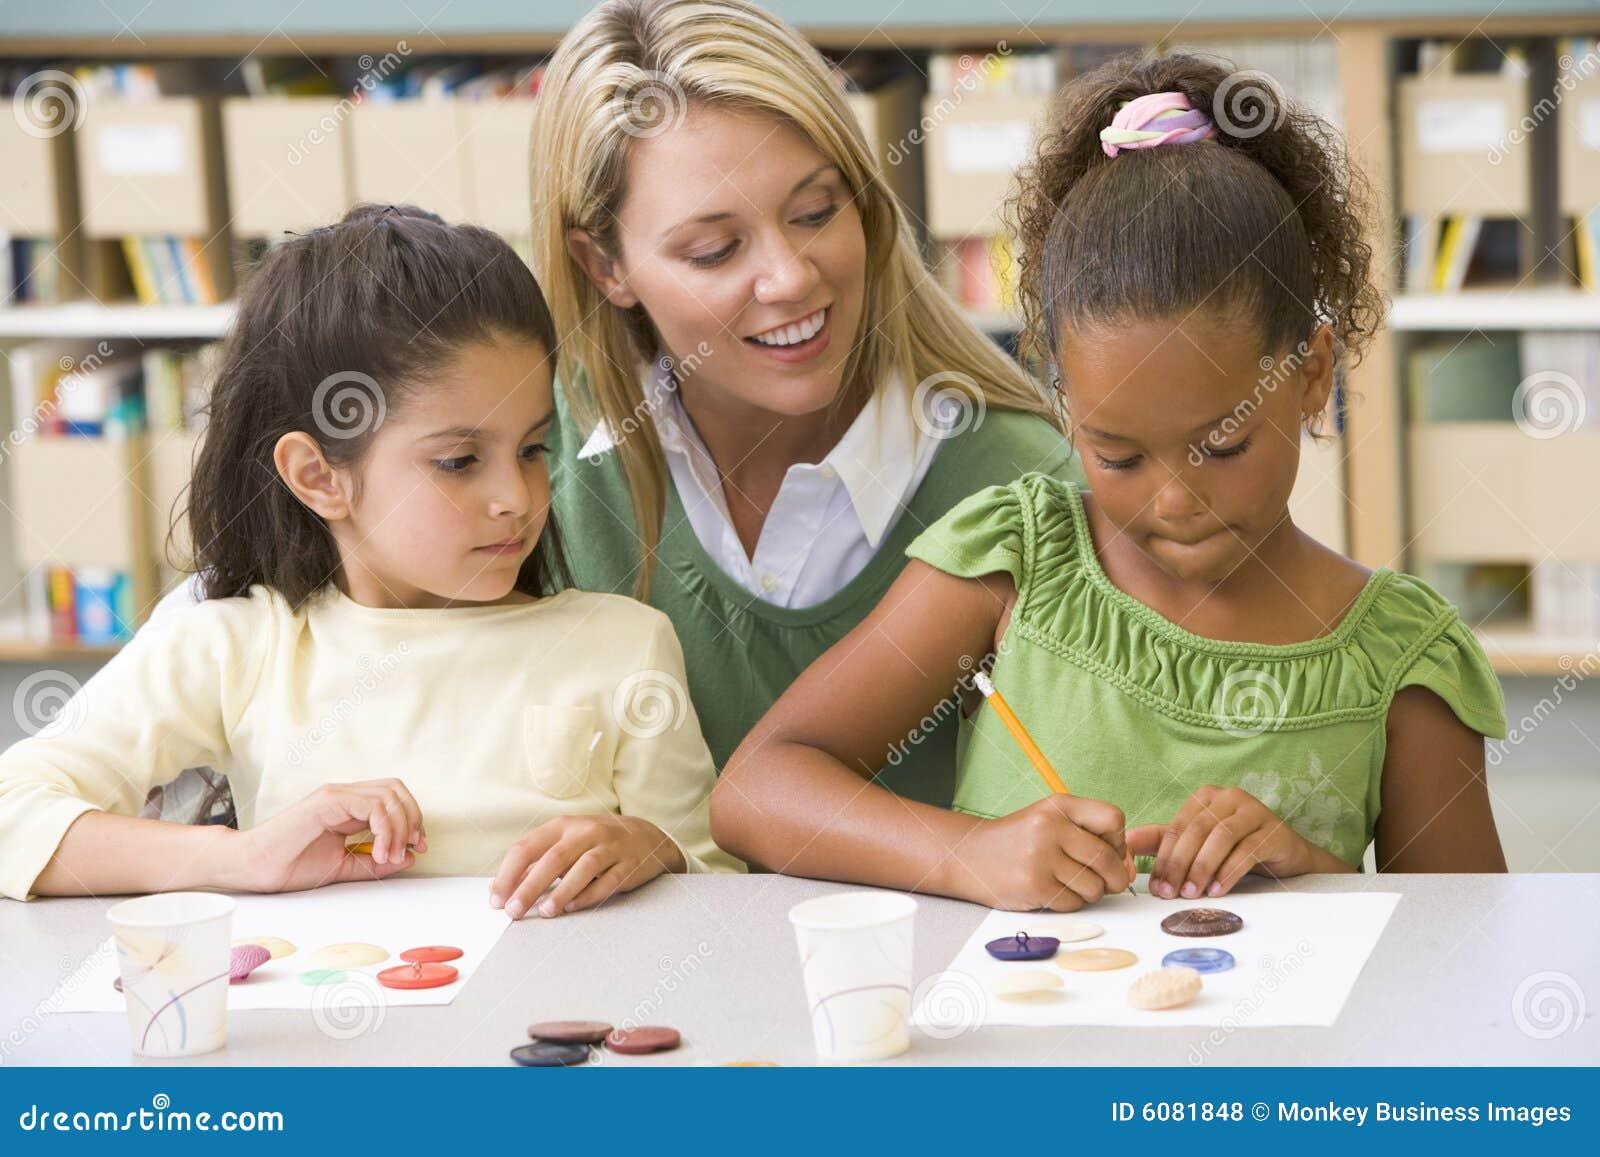 Art class sitting students teacher